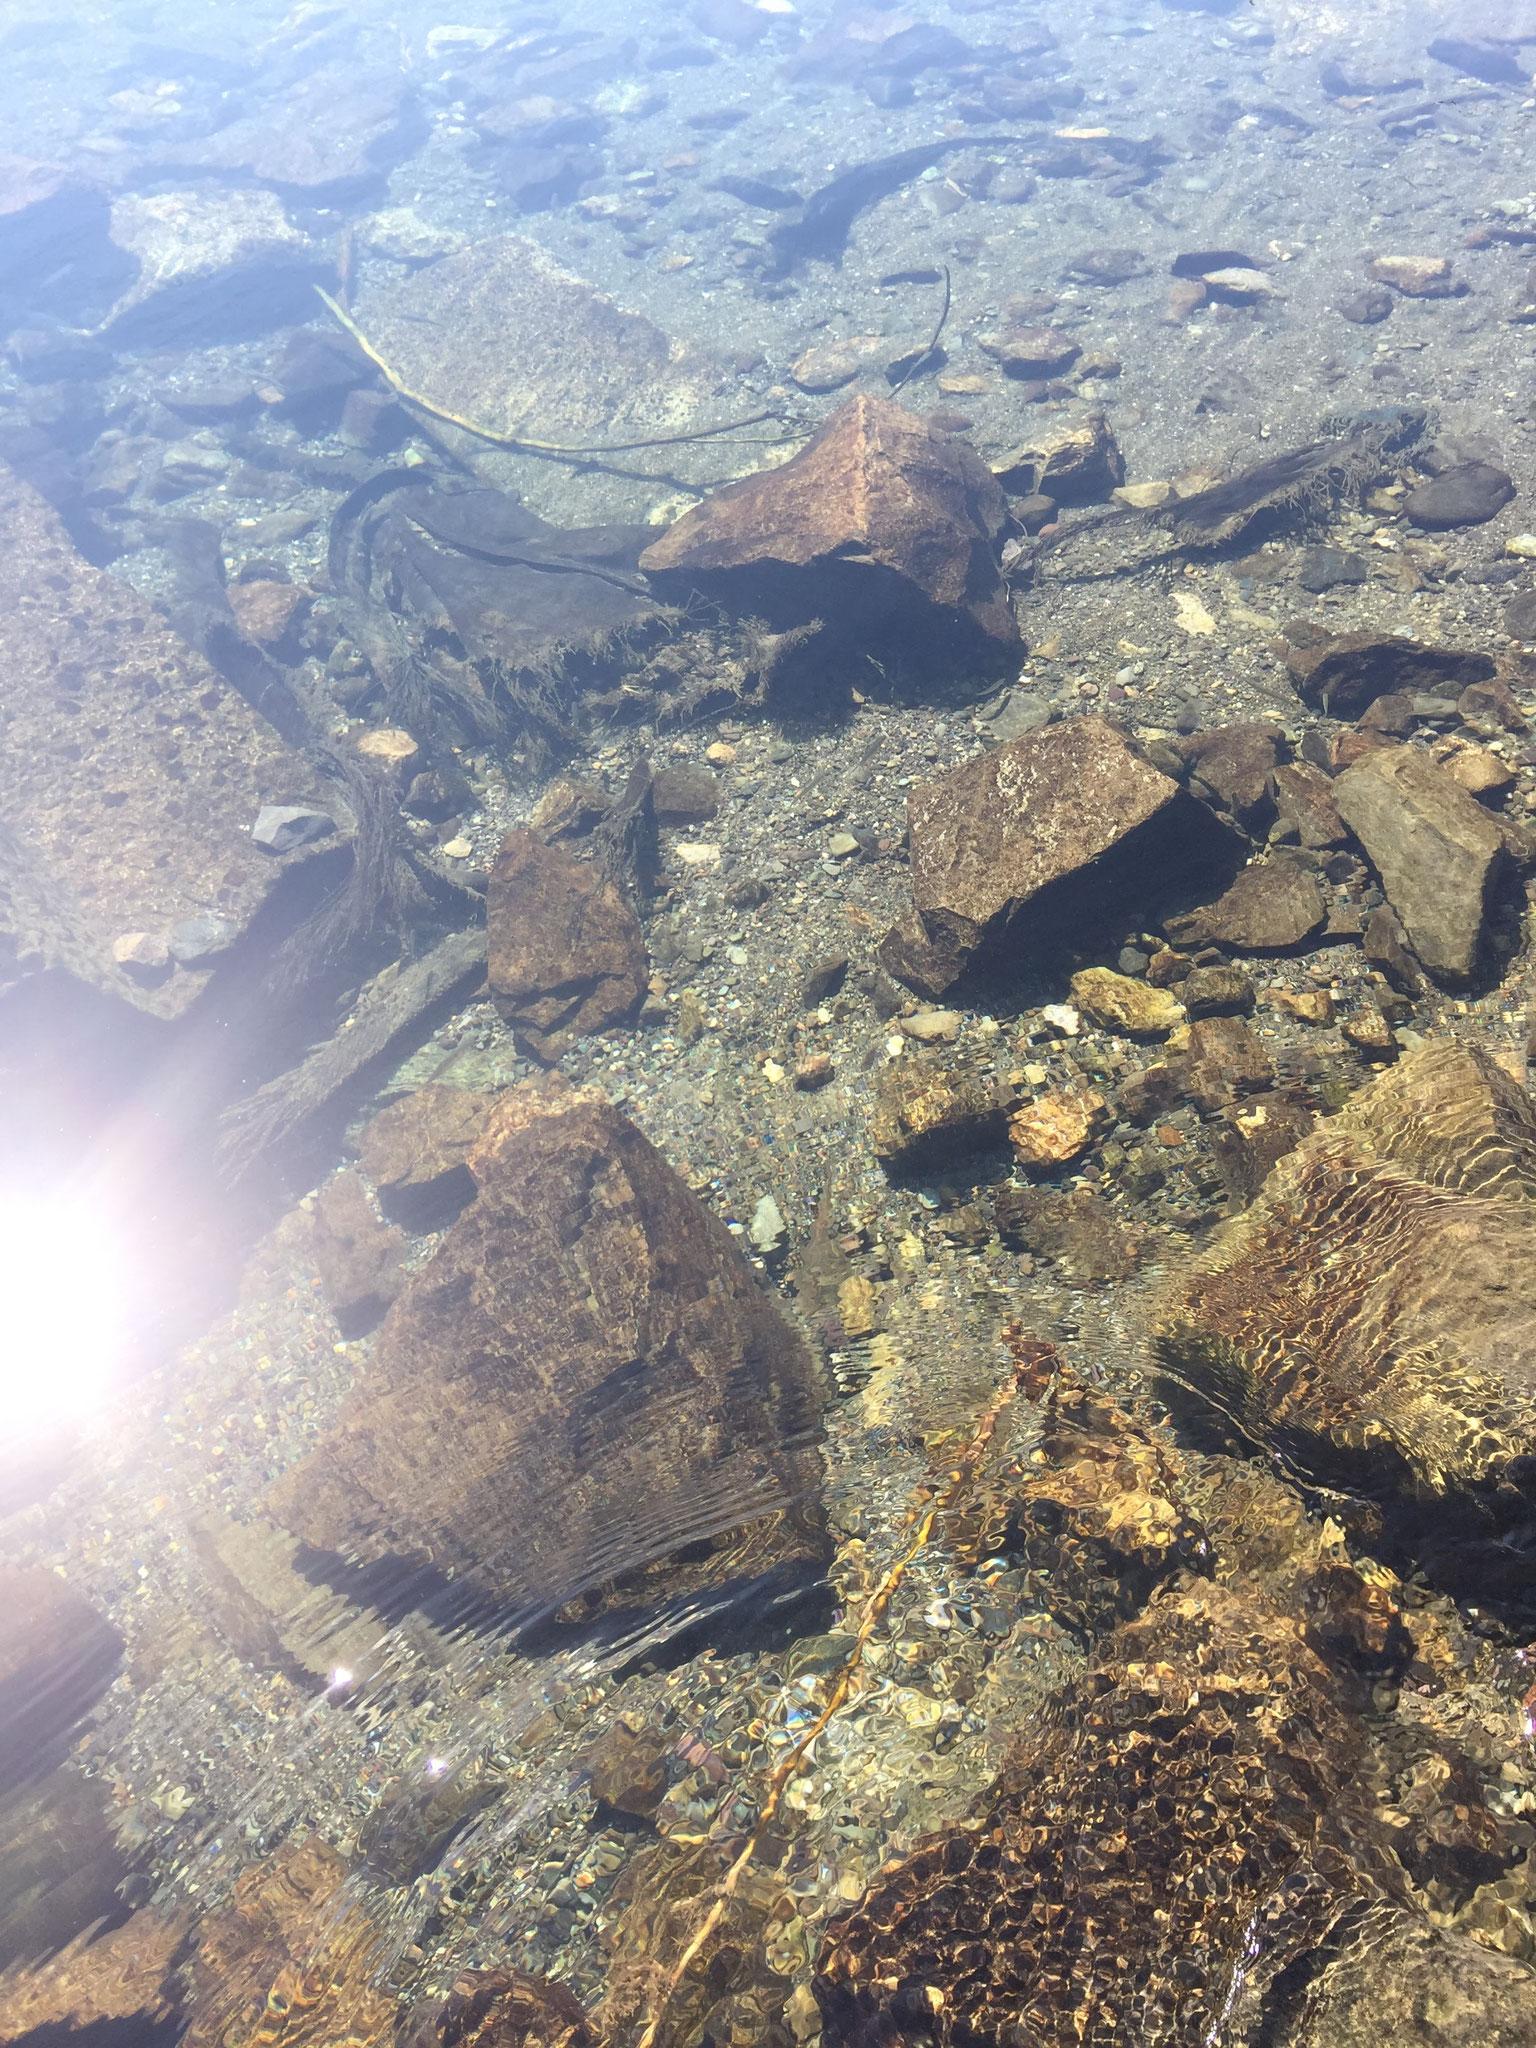 澄んだ水!右上にお魚も。水が本当に澄んでいて綺麗です!